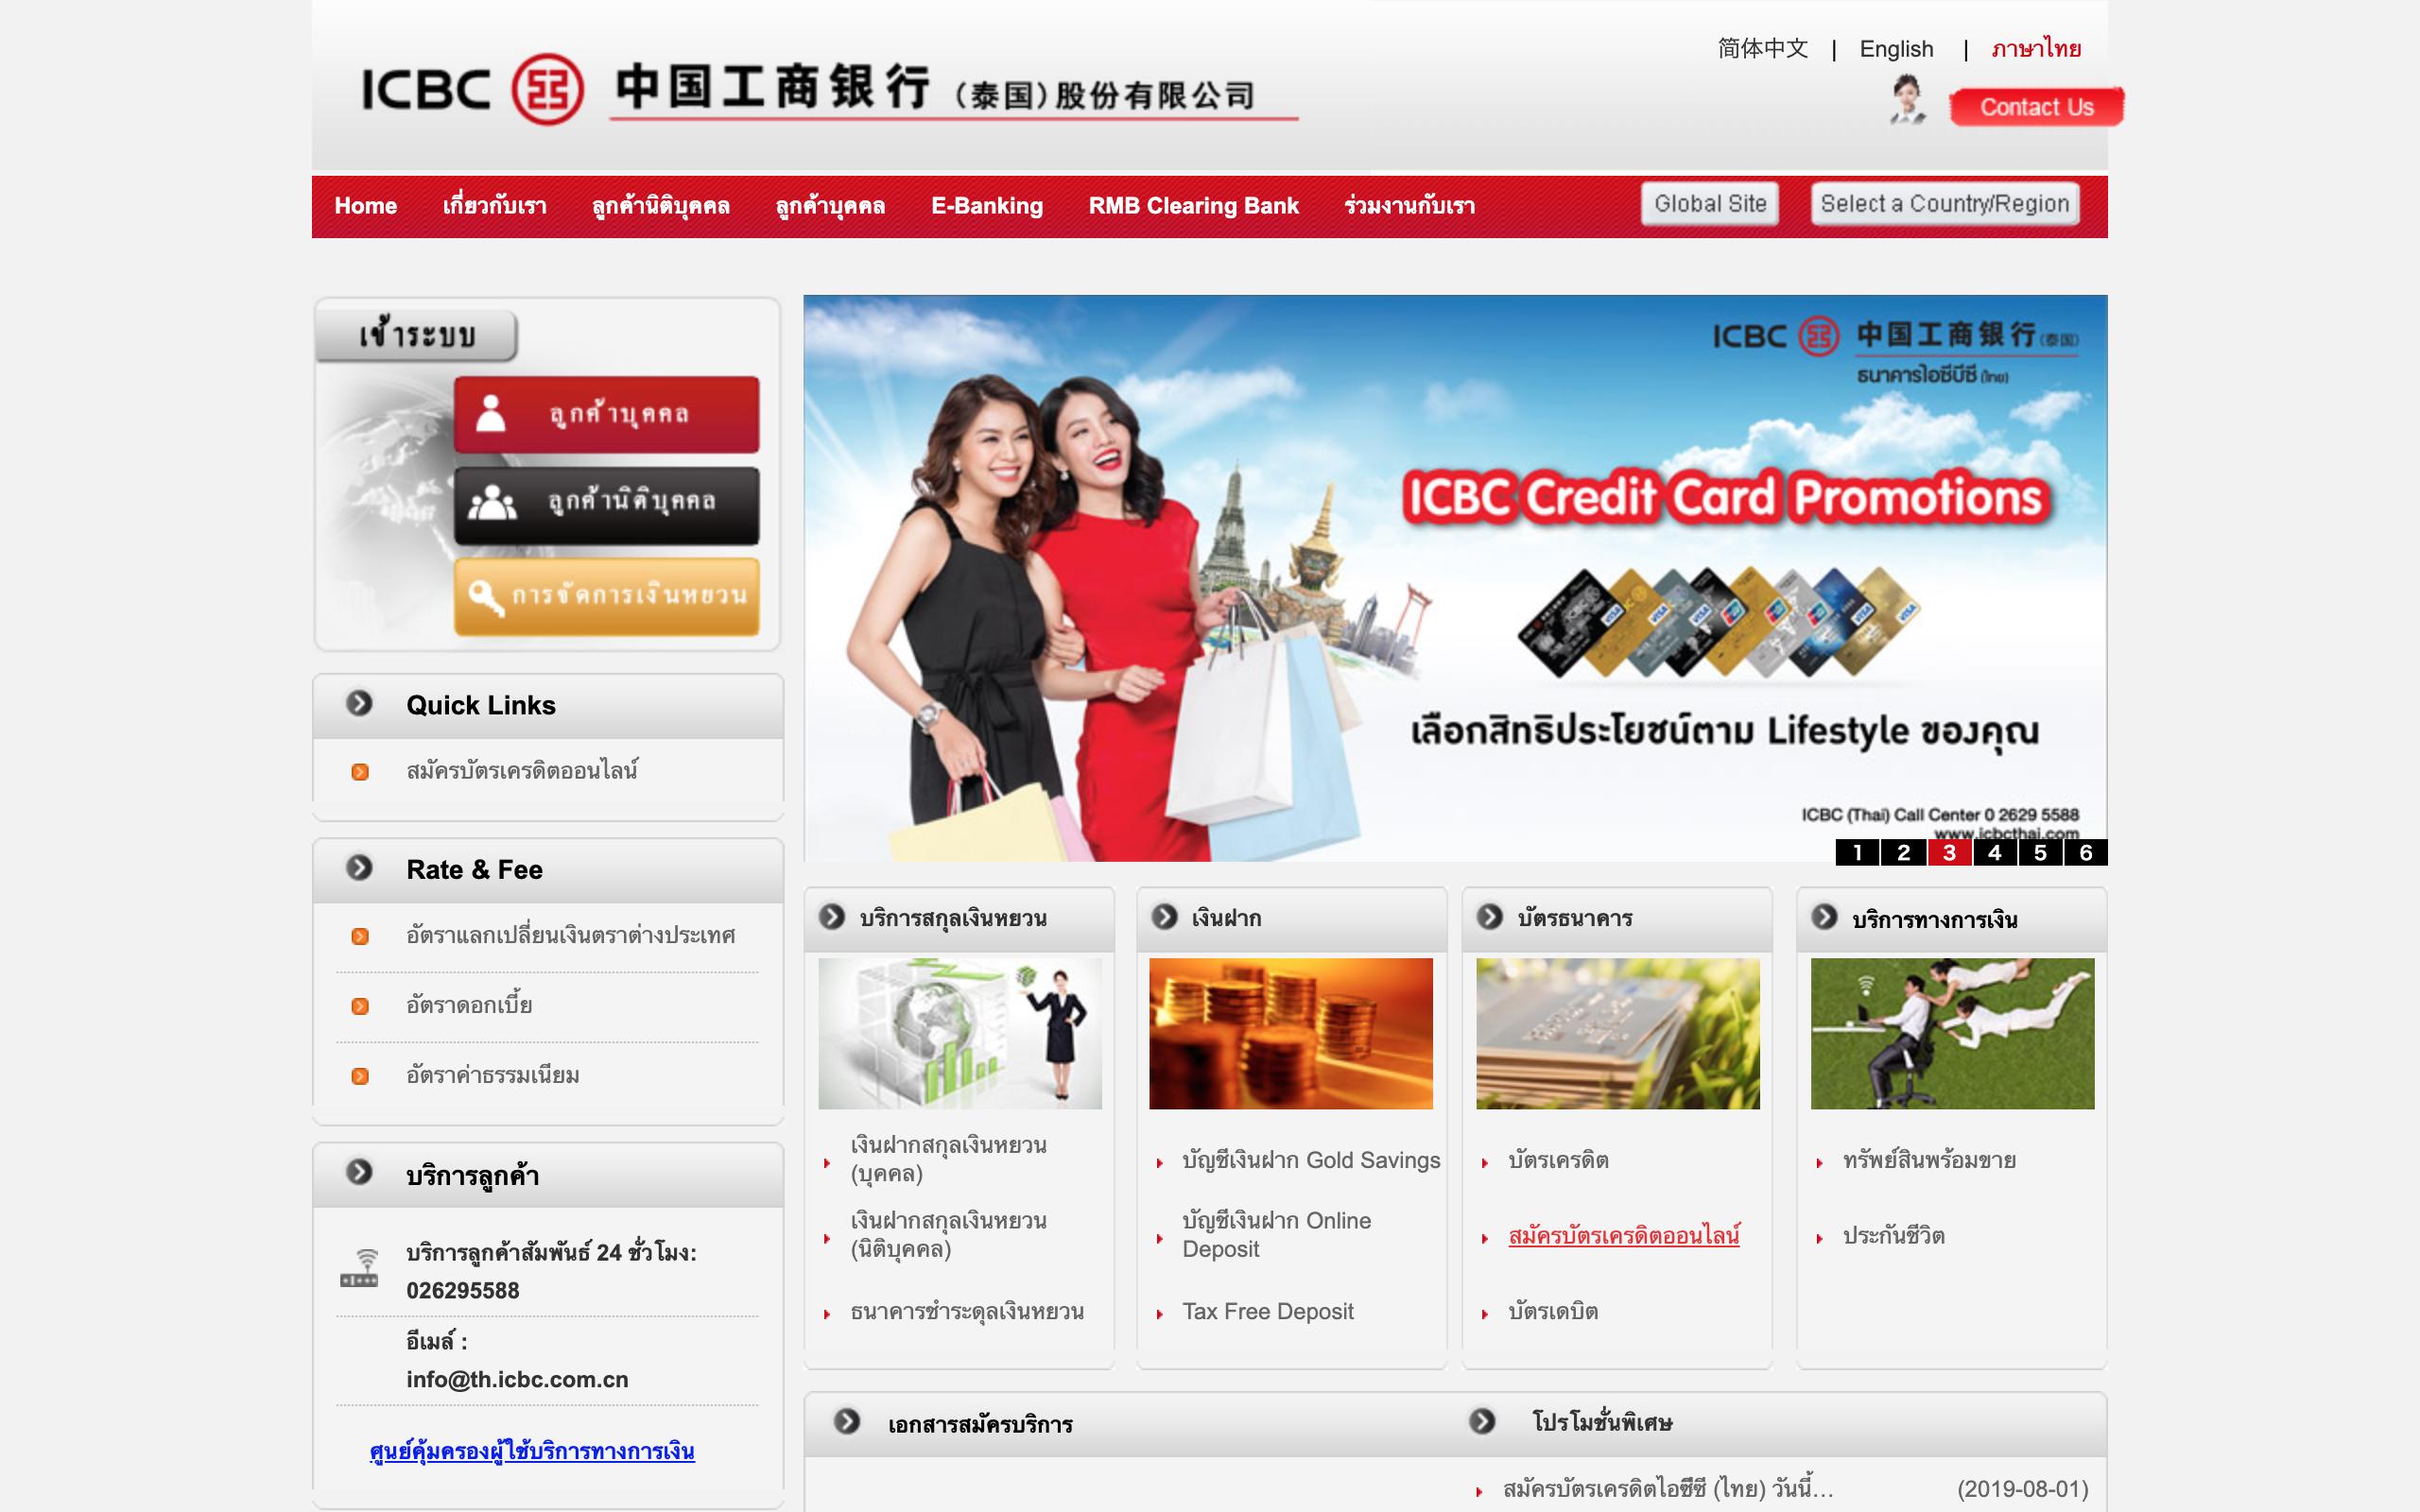 วิธีการใช้งาน Internet Banking และ Mobile Application ฉบับละเอียดยิบ : ธนาคาร ไอซีบีซี ไทย